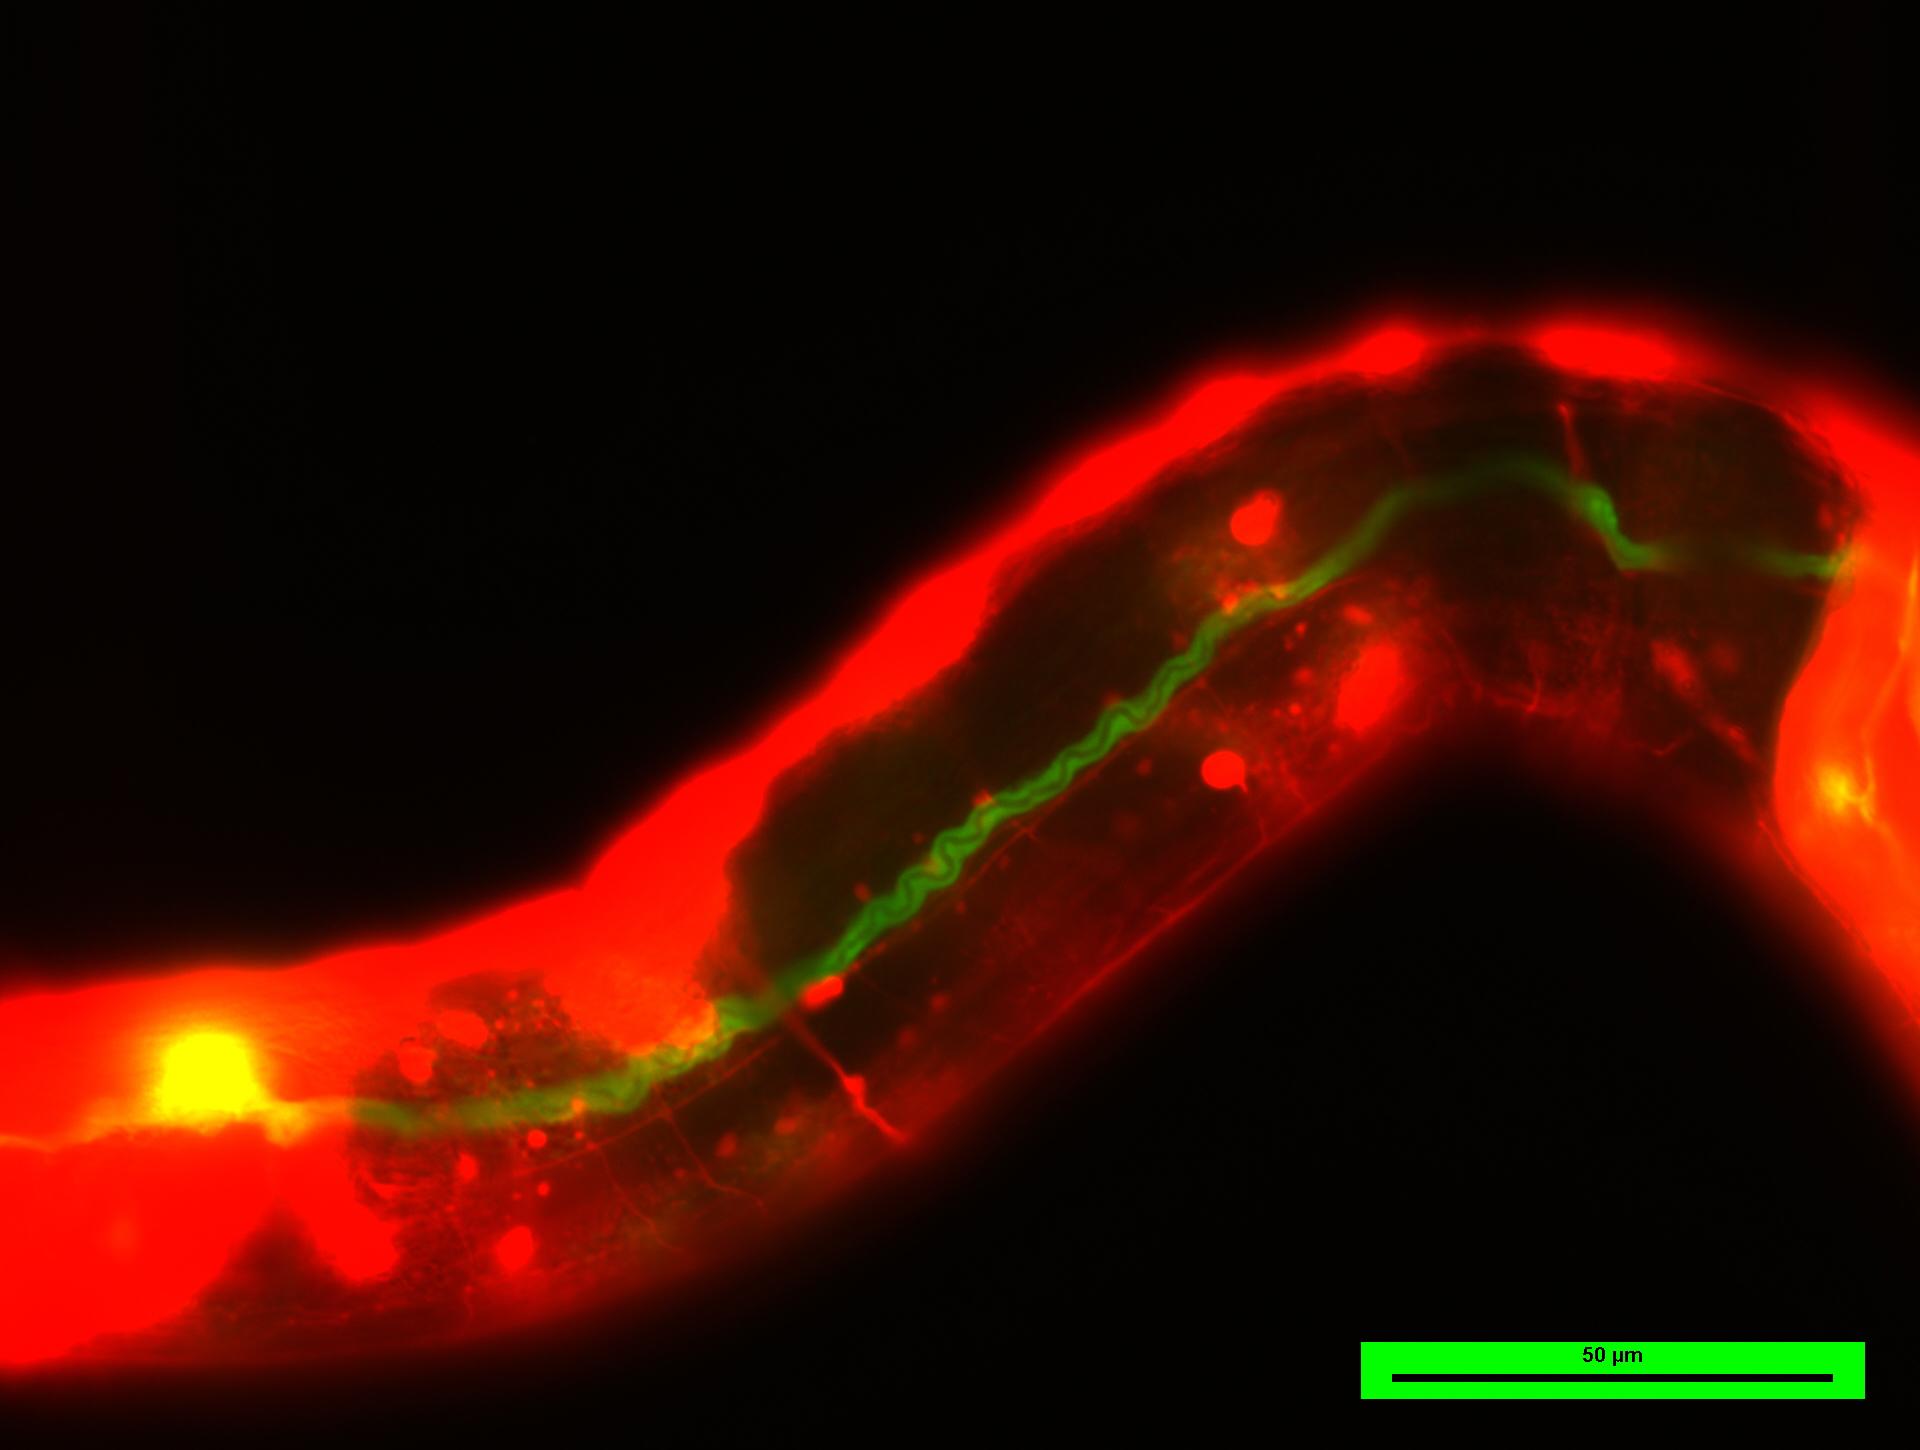 Nematode C. elegans.